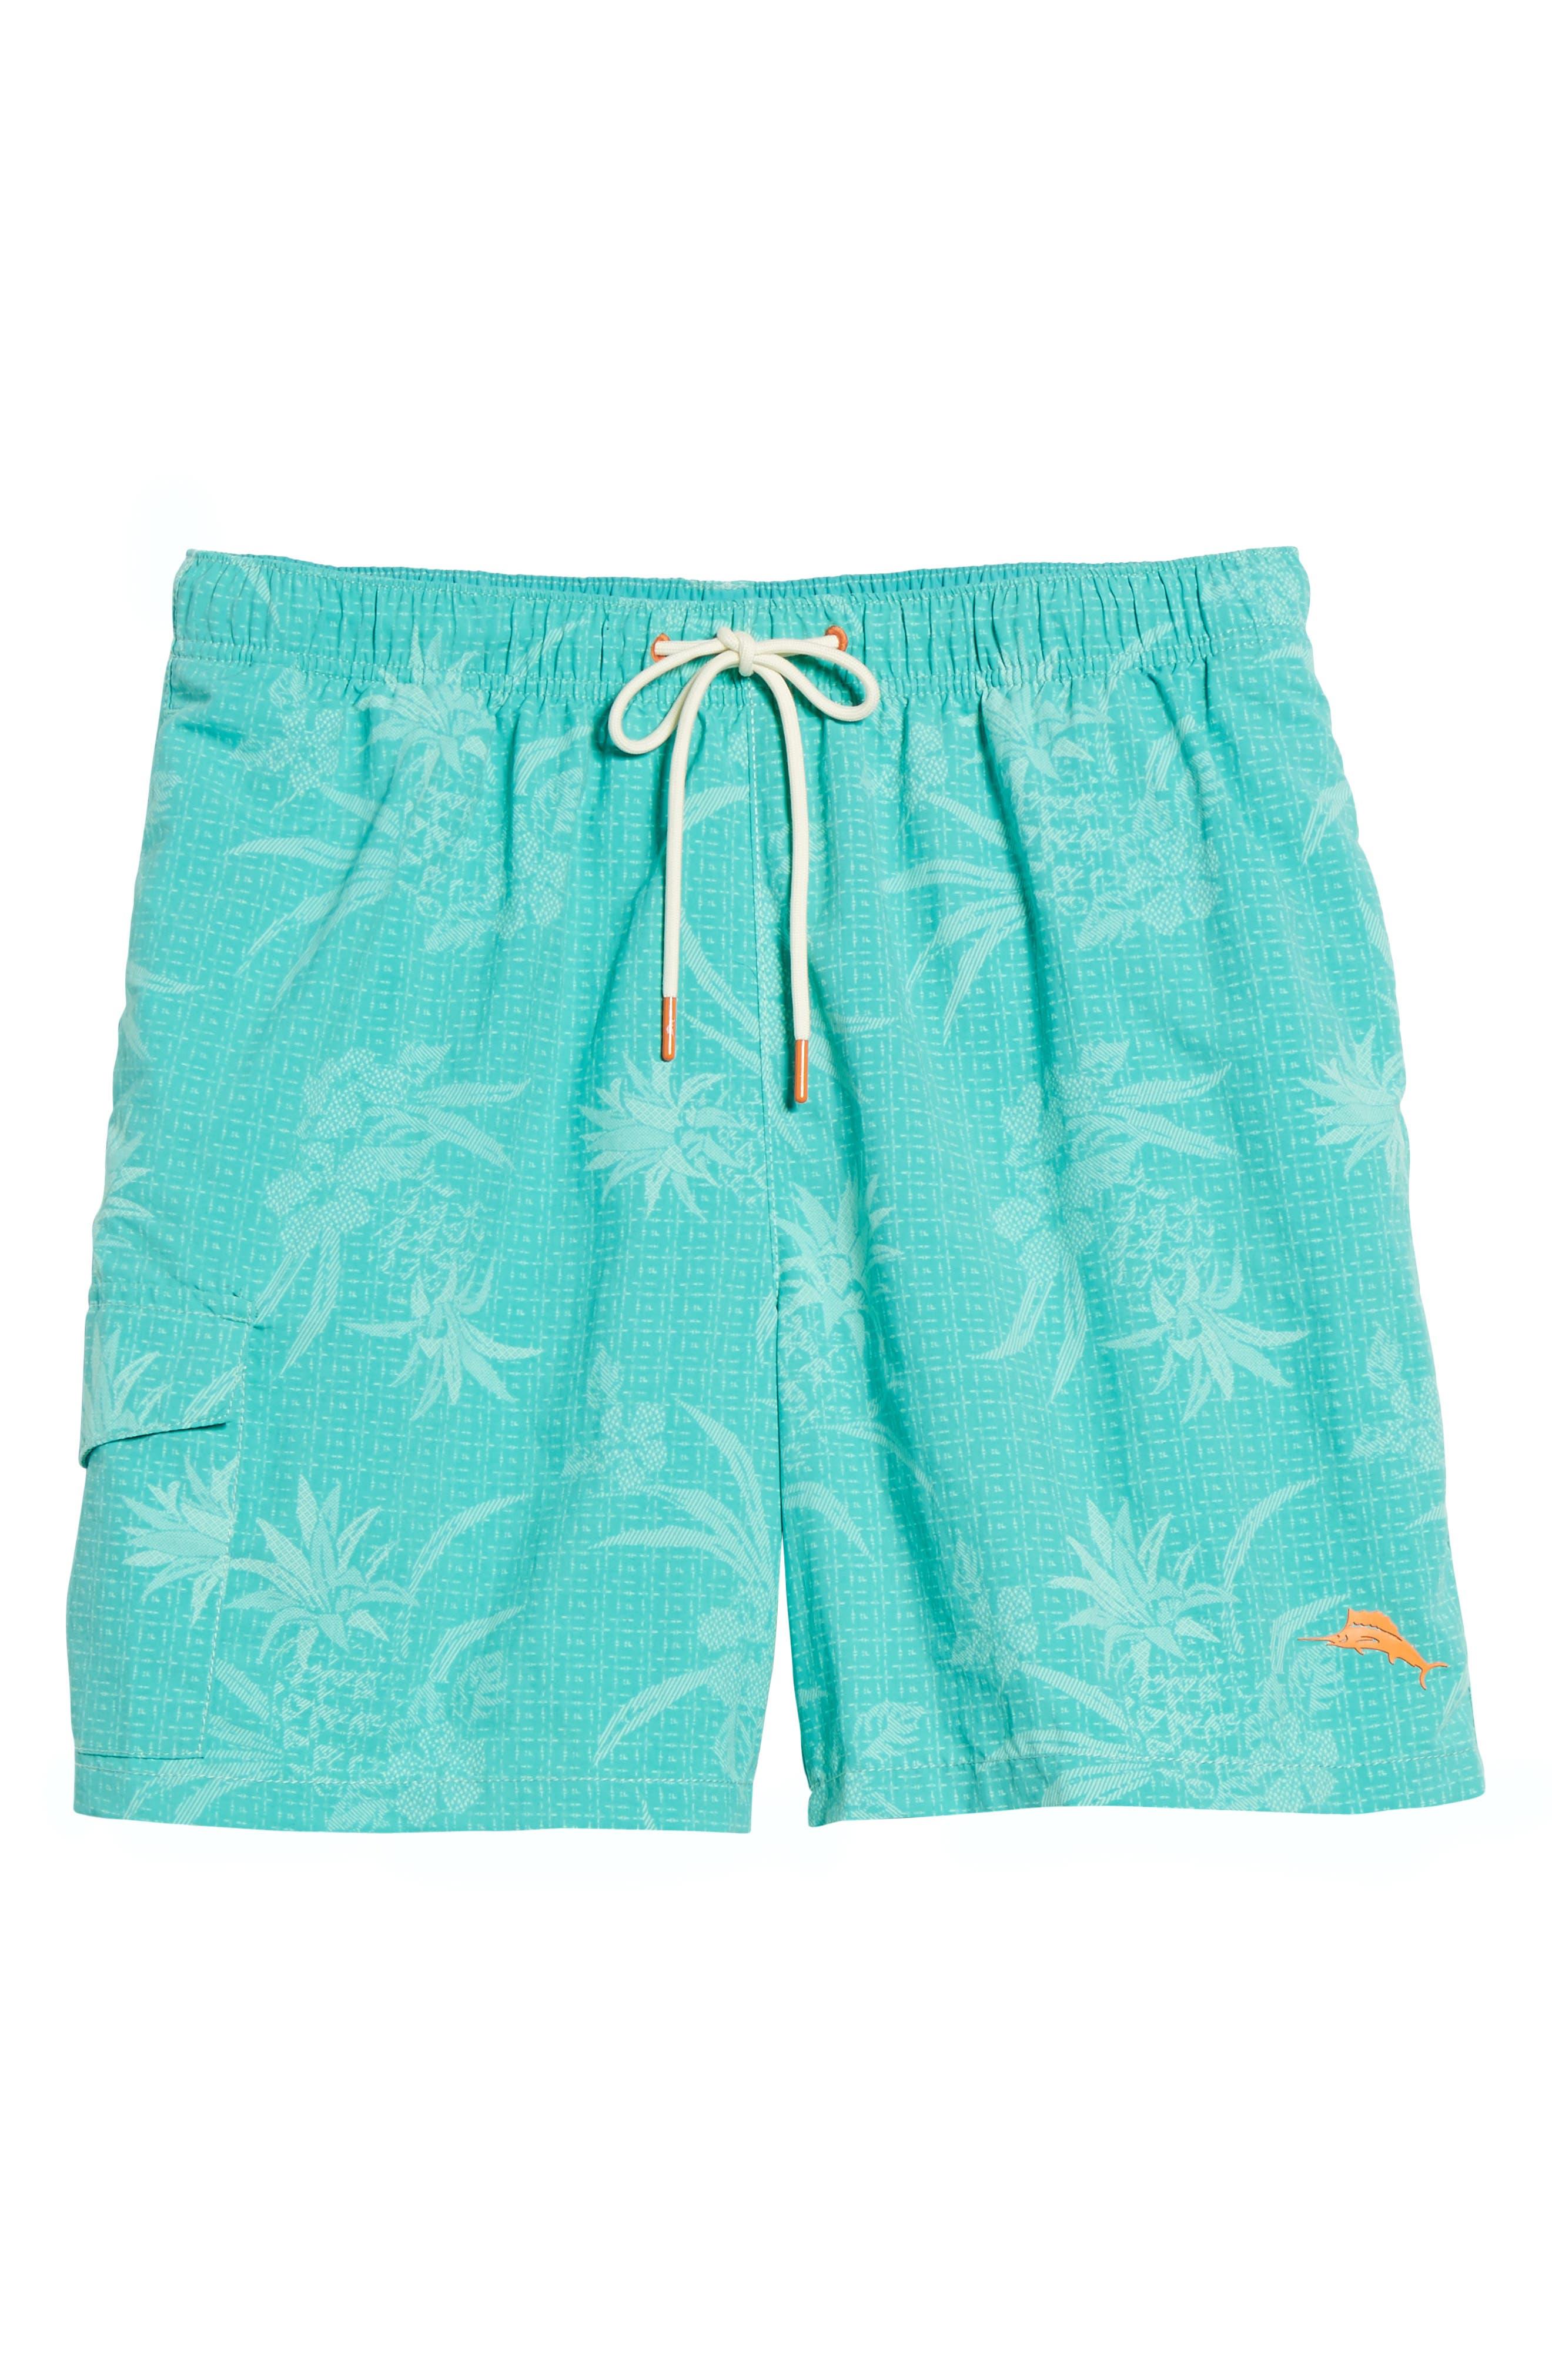 Naples Huli Pineapple Swim Trunks,                             Alternate thumbnail 11, color,